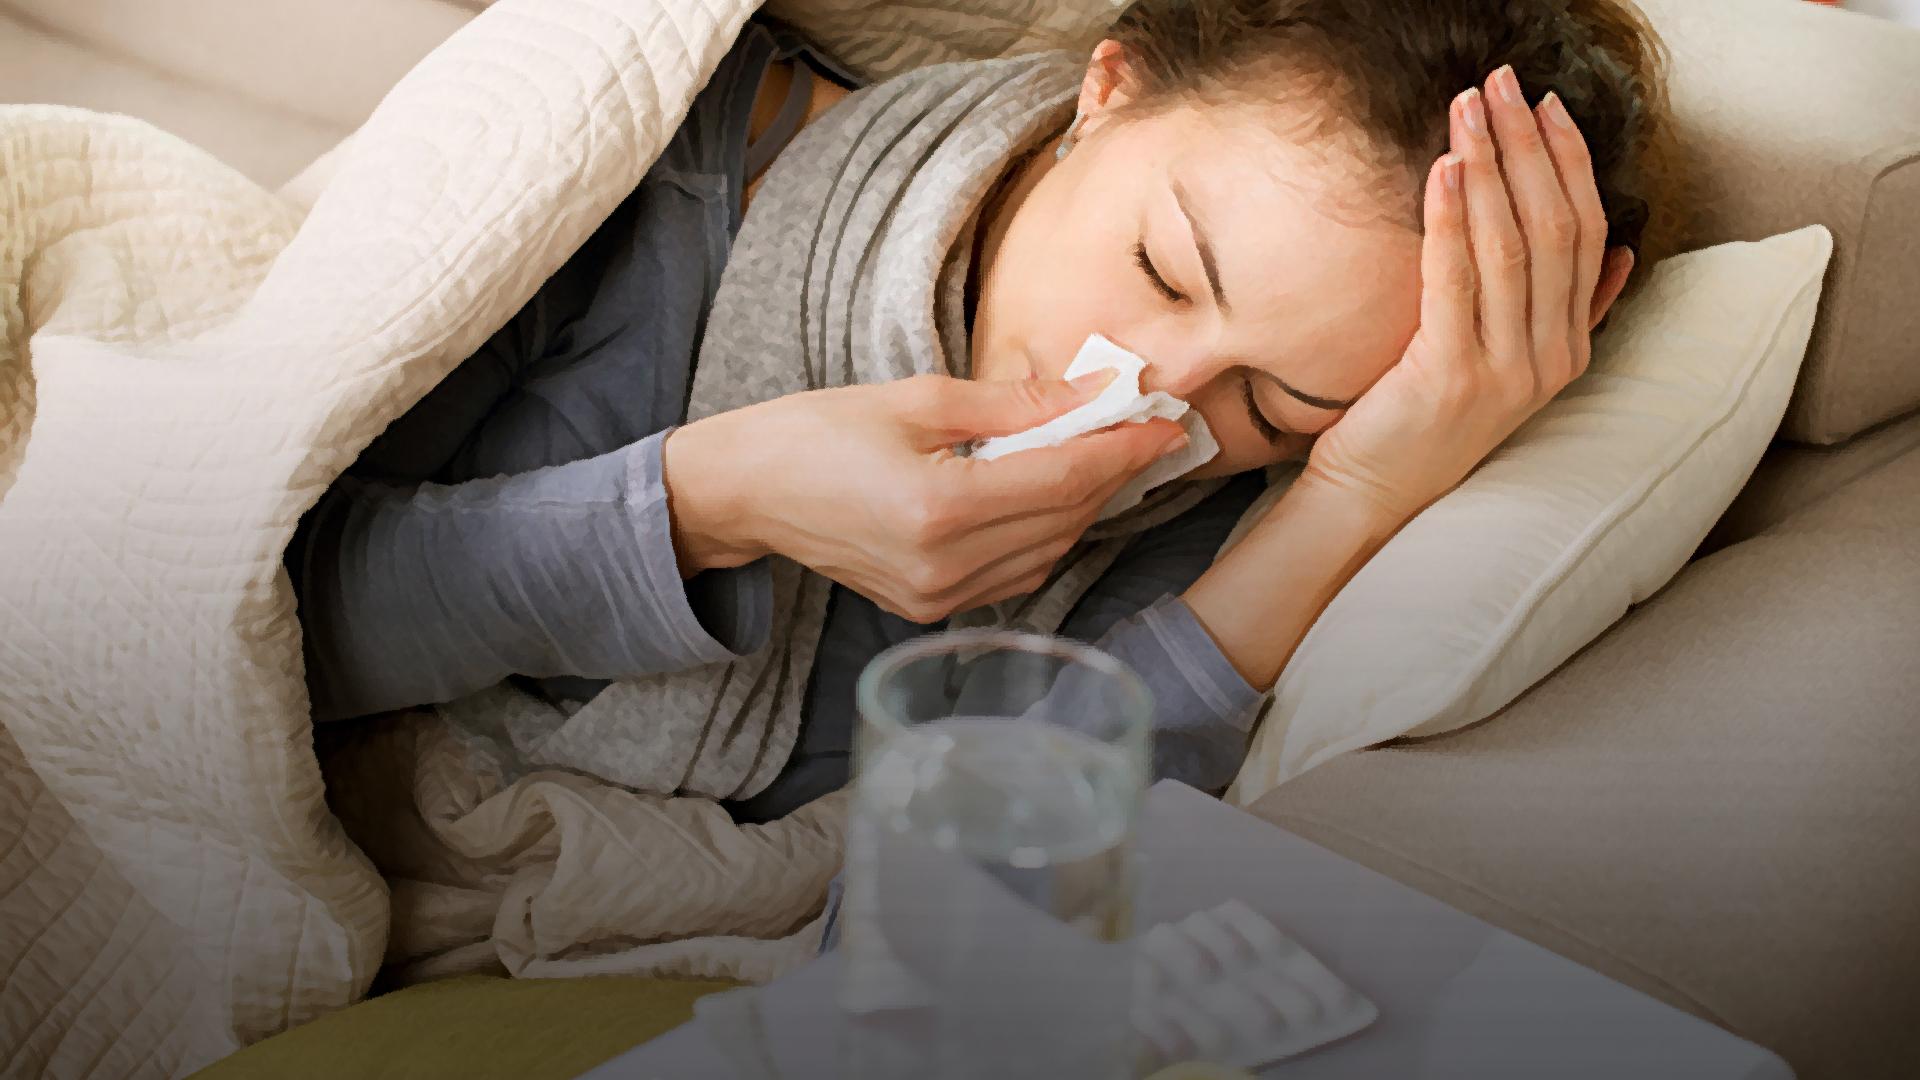 Rüyada Büyük Annesinin Hasta Olduğunu Görmek